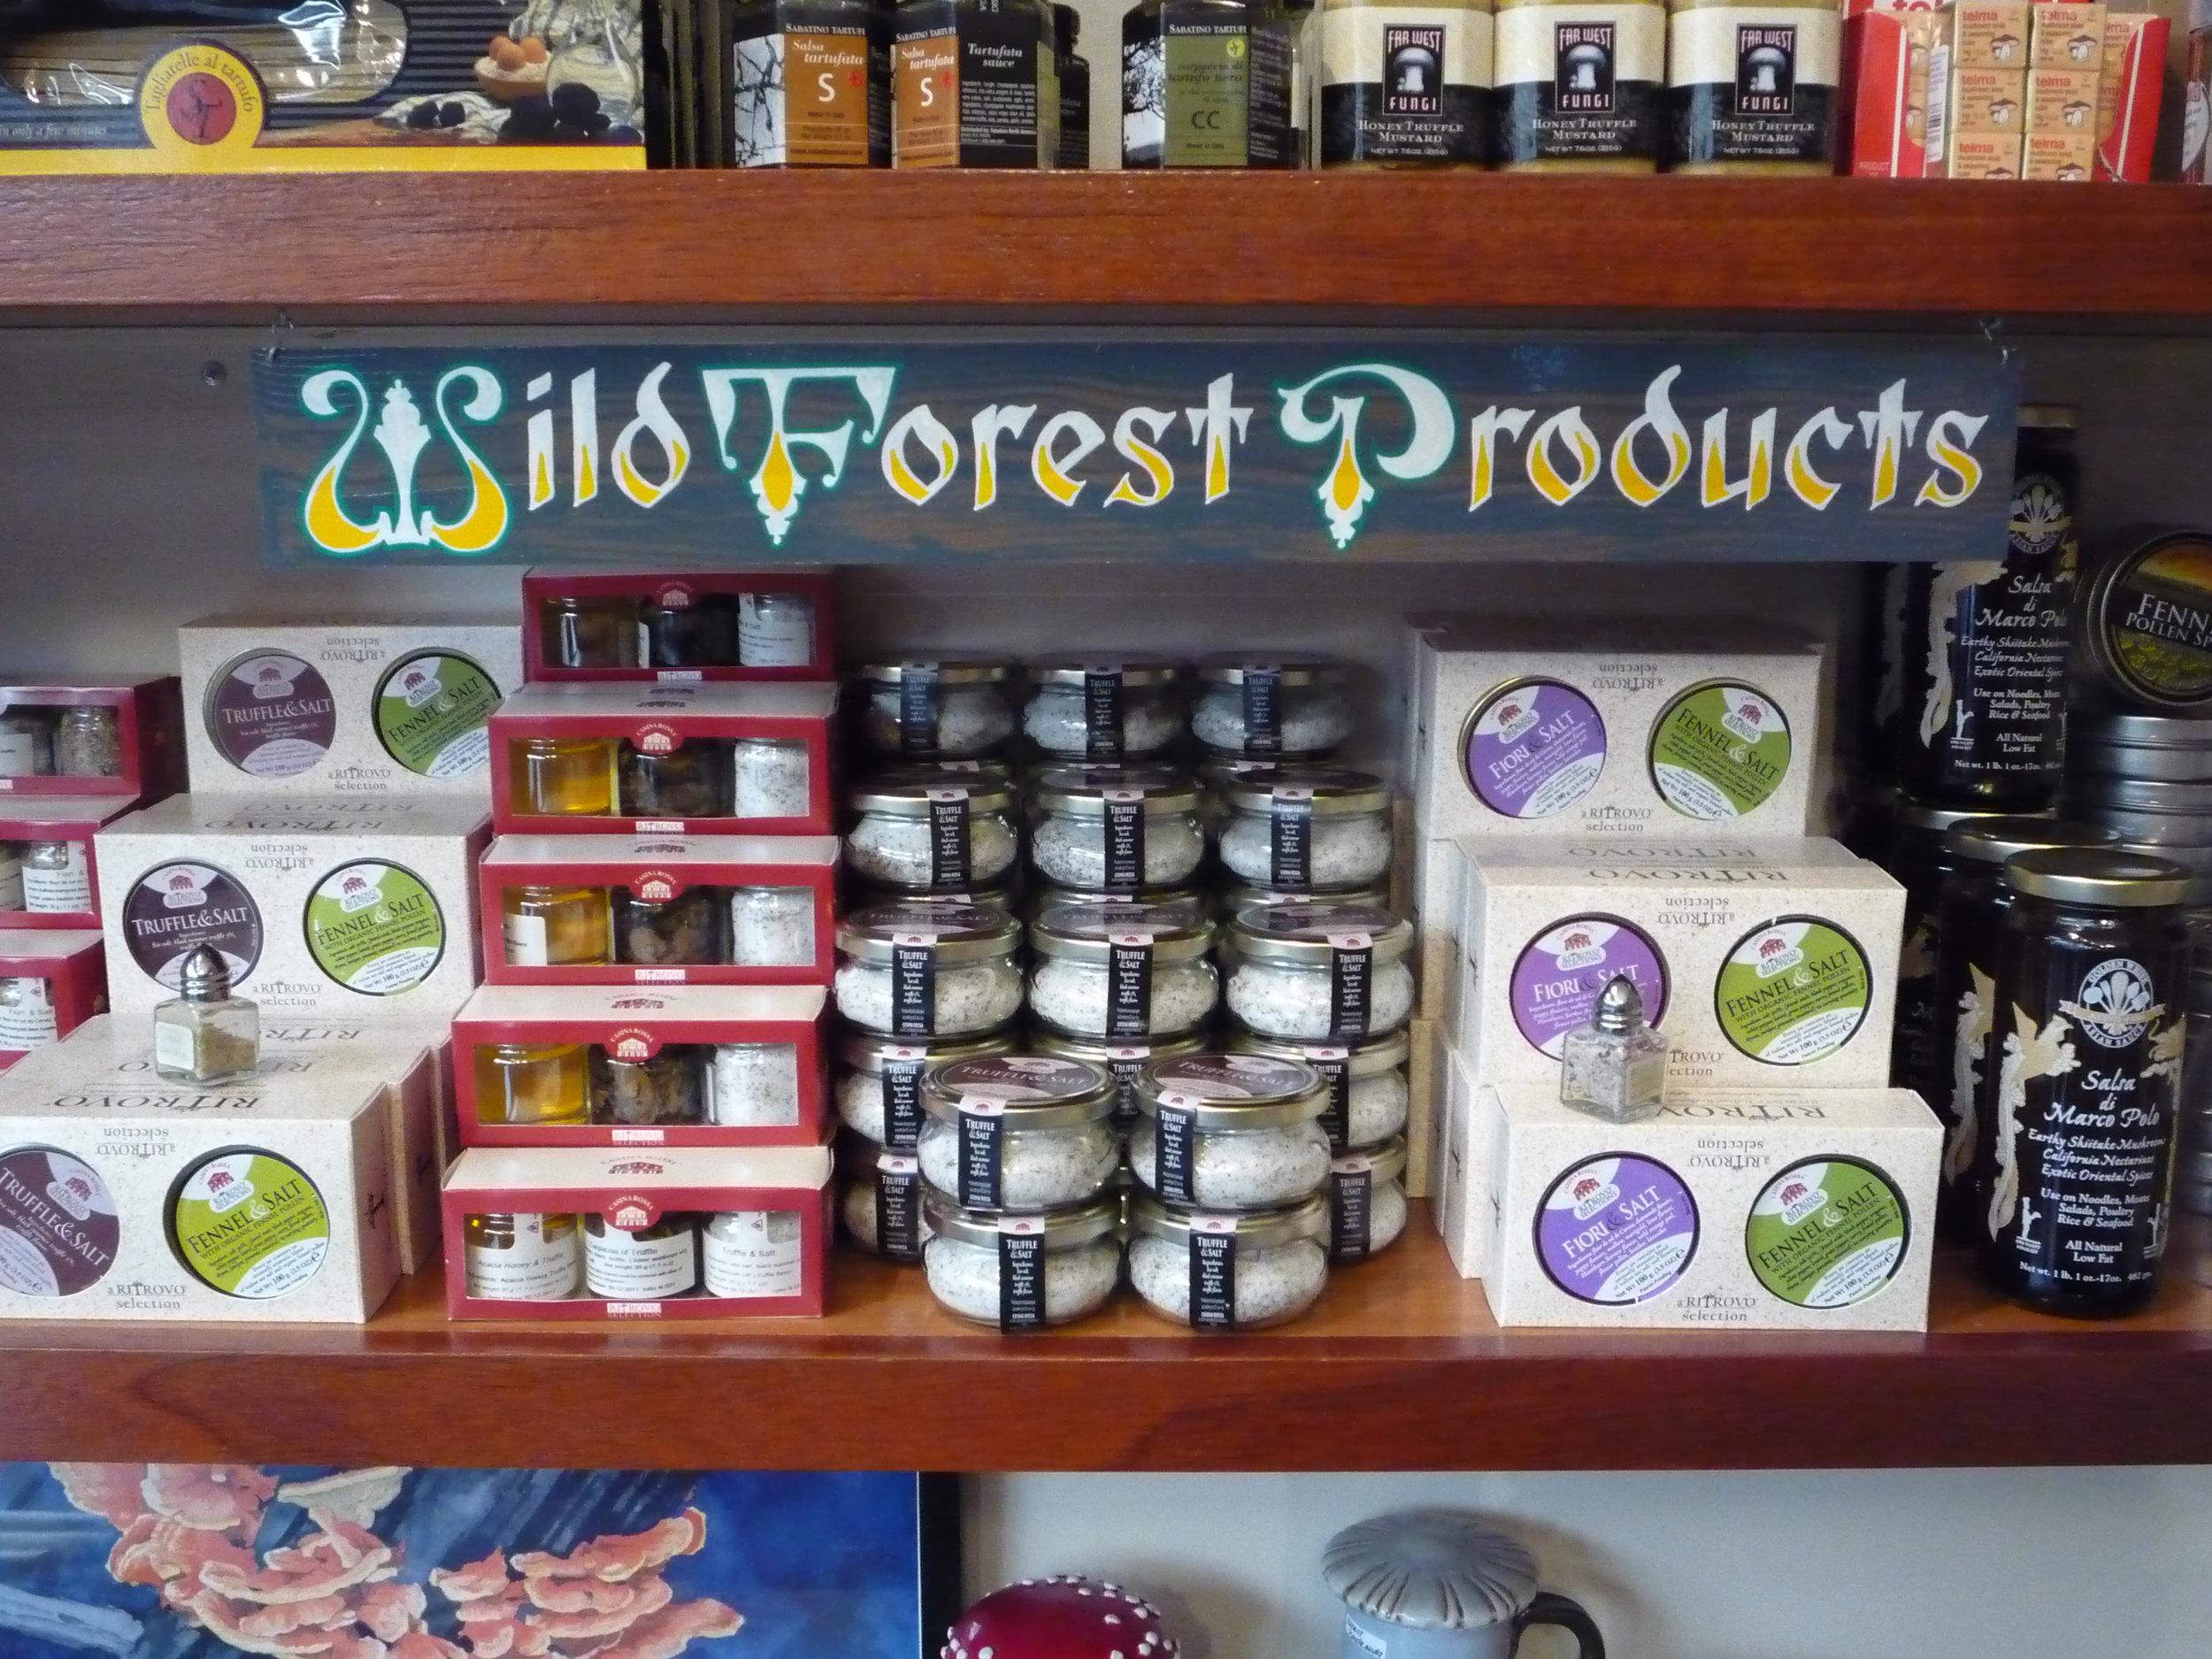 ORIG-far-west-fungi-wild-forest-products-shelf-sign_4323726364_o.jpg